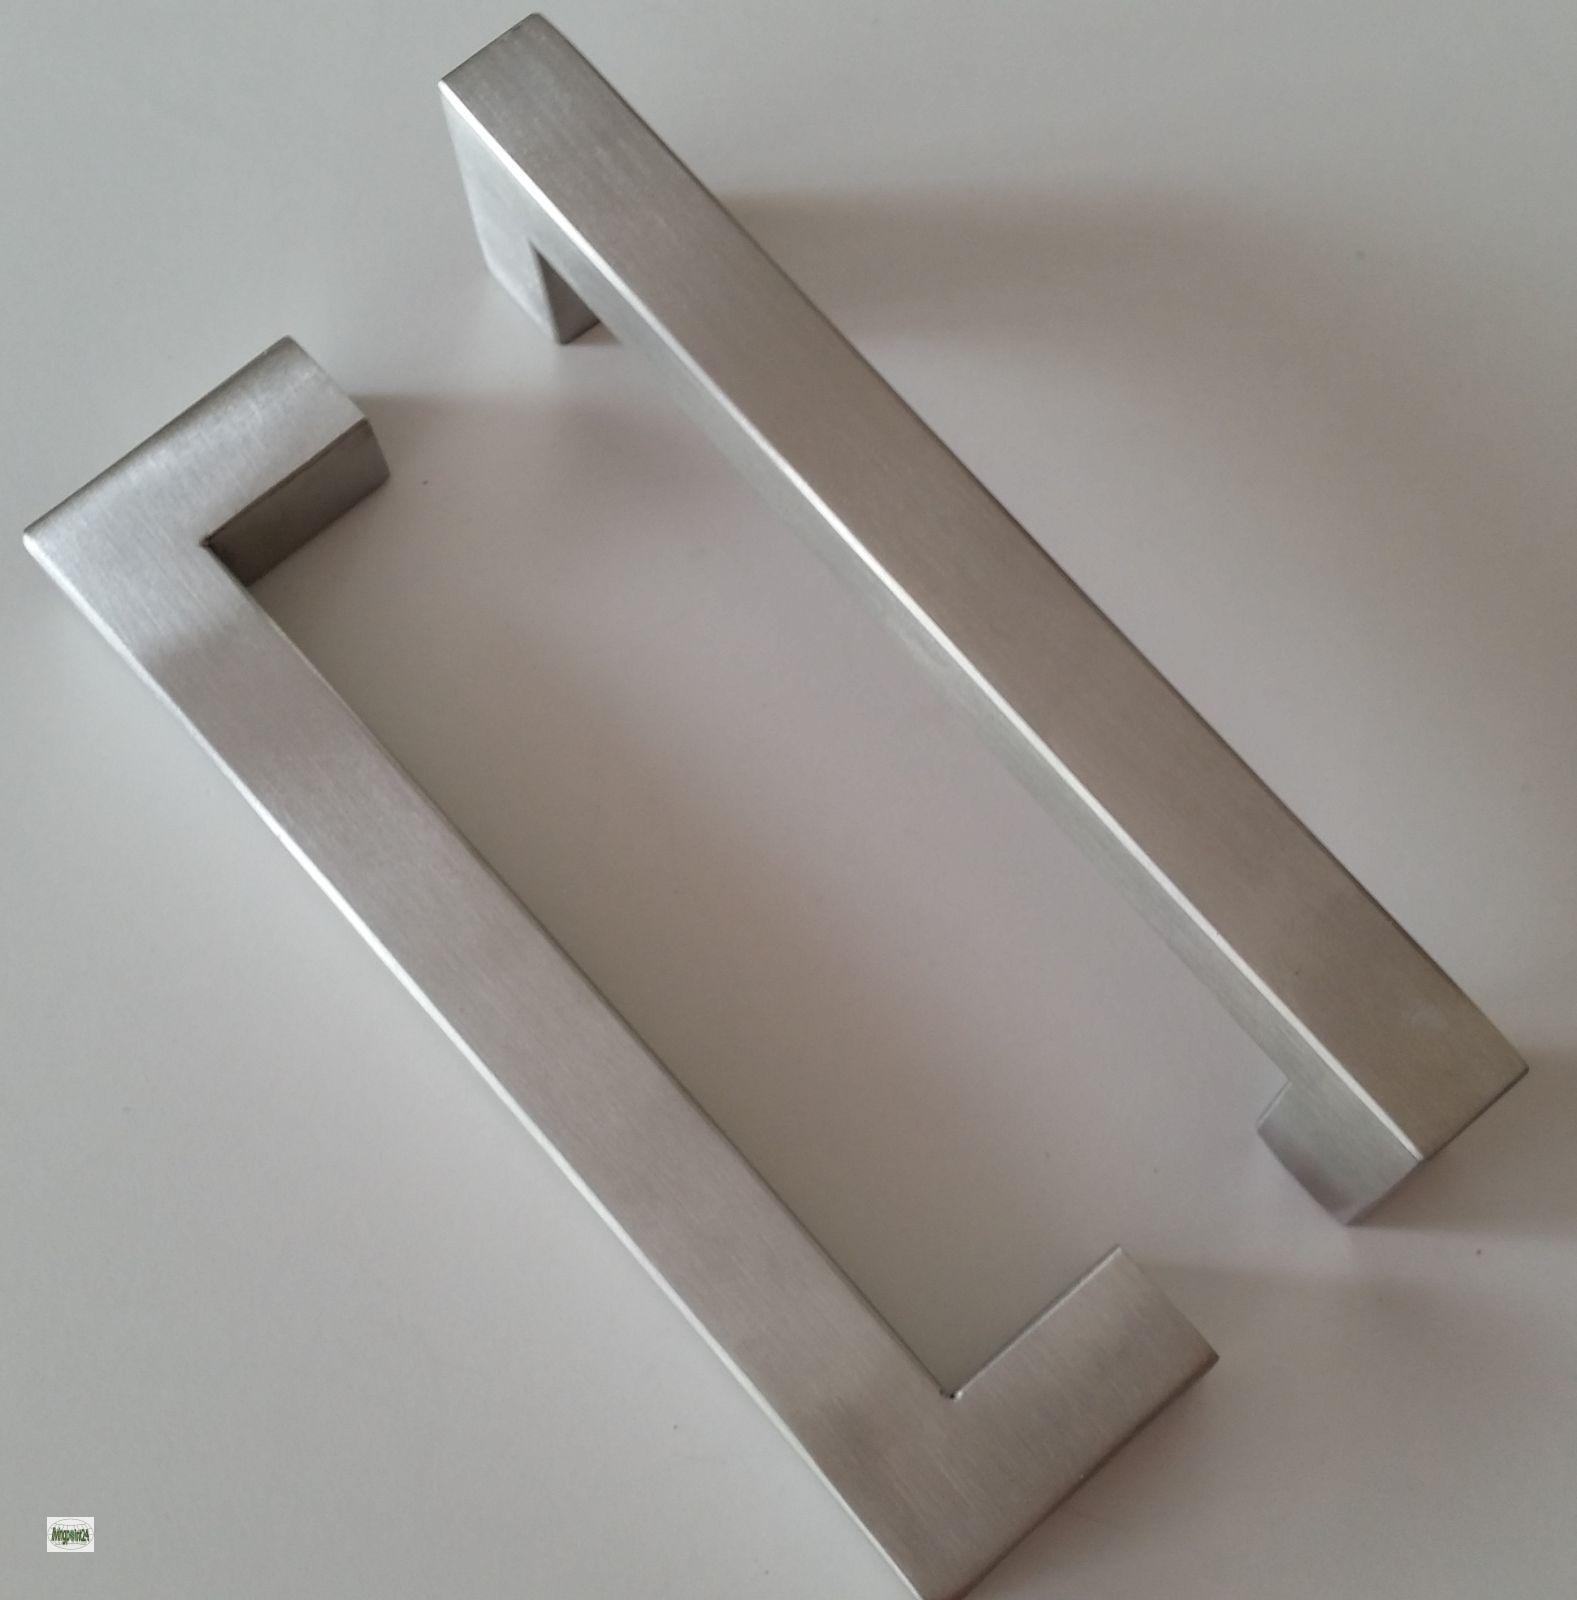 m belgriffe ba 96 128 160 192mm edelstahl geb rstet. Black Bedroom Furniture Sets. Home Design Ideas